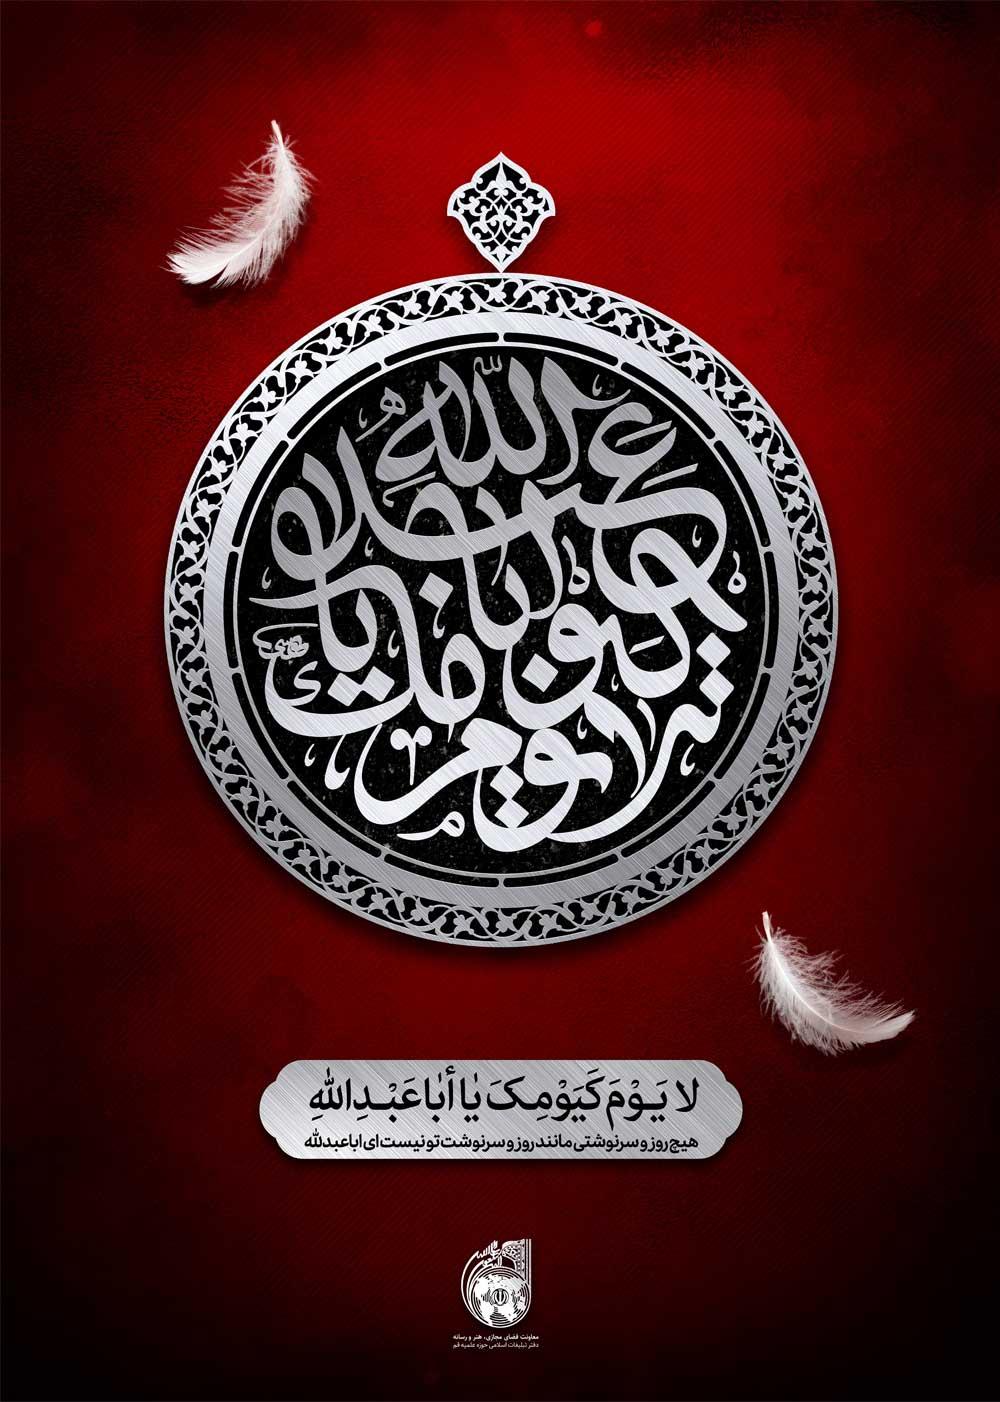 پوستر لایوم کیومک یا اباعبد الله